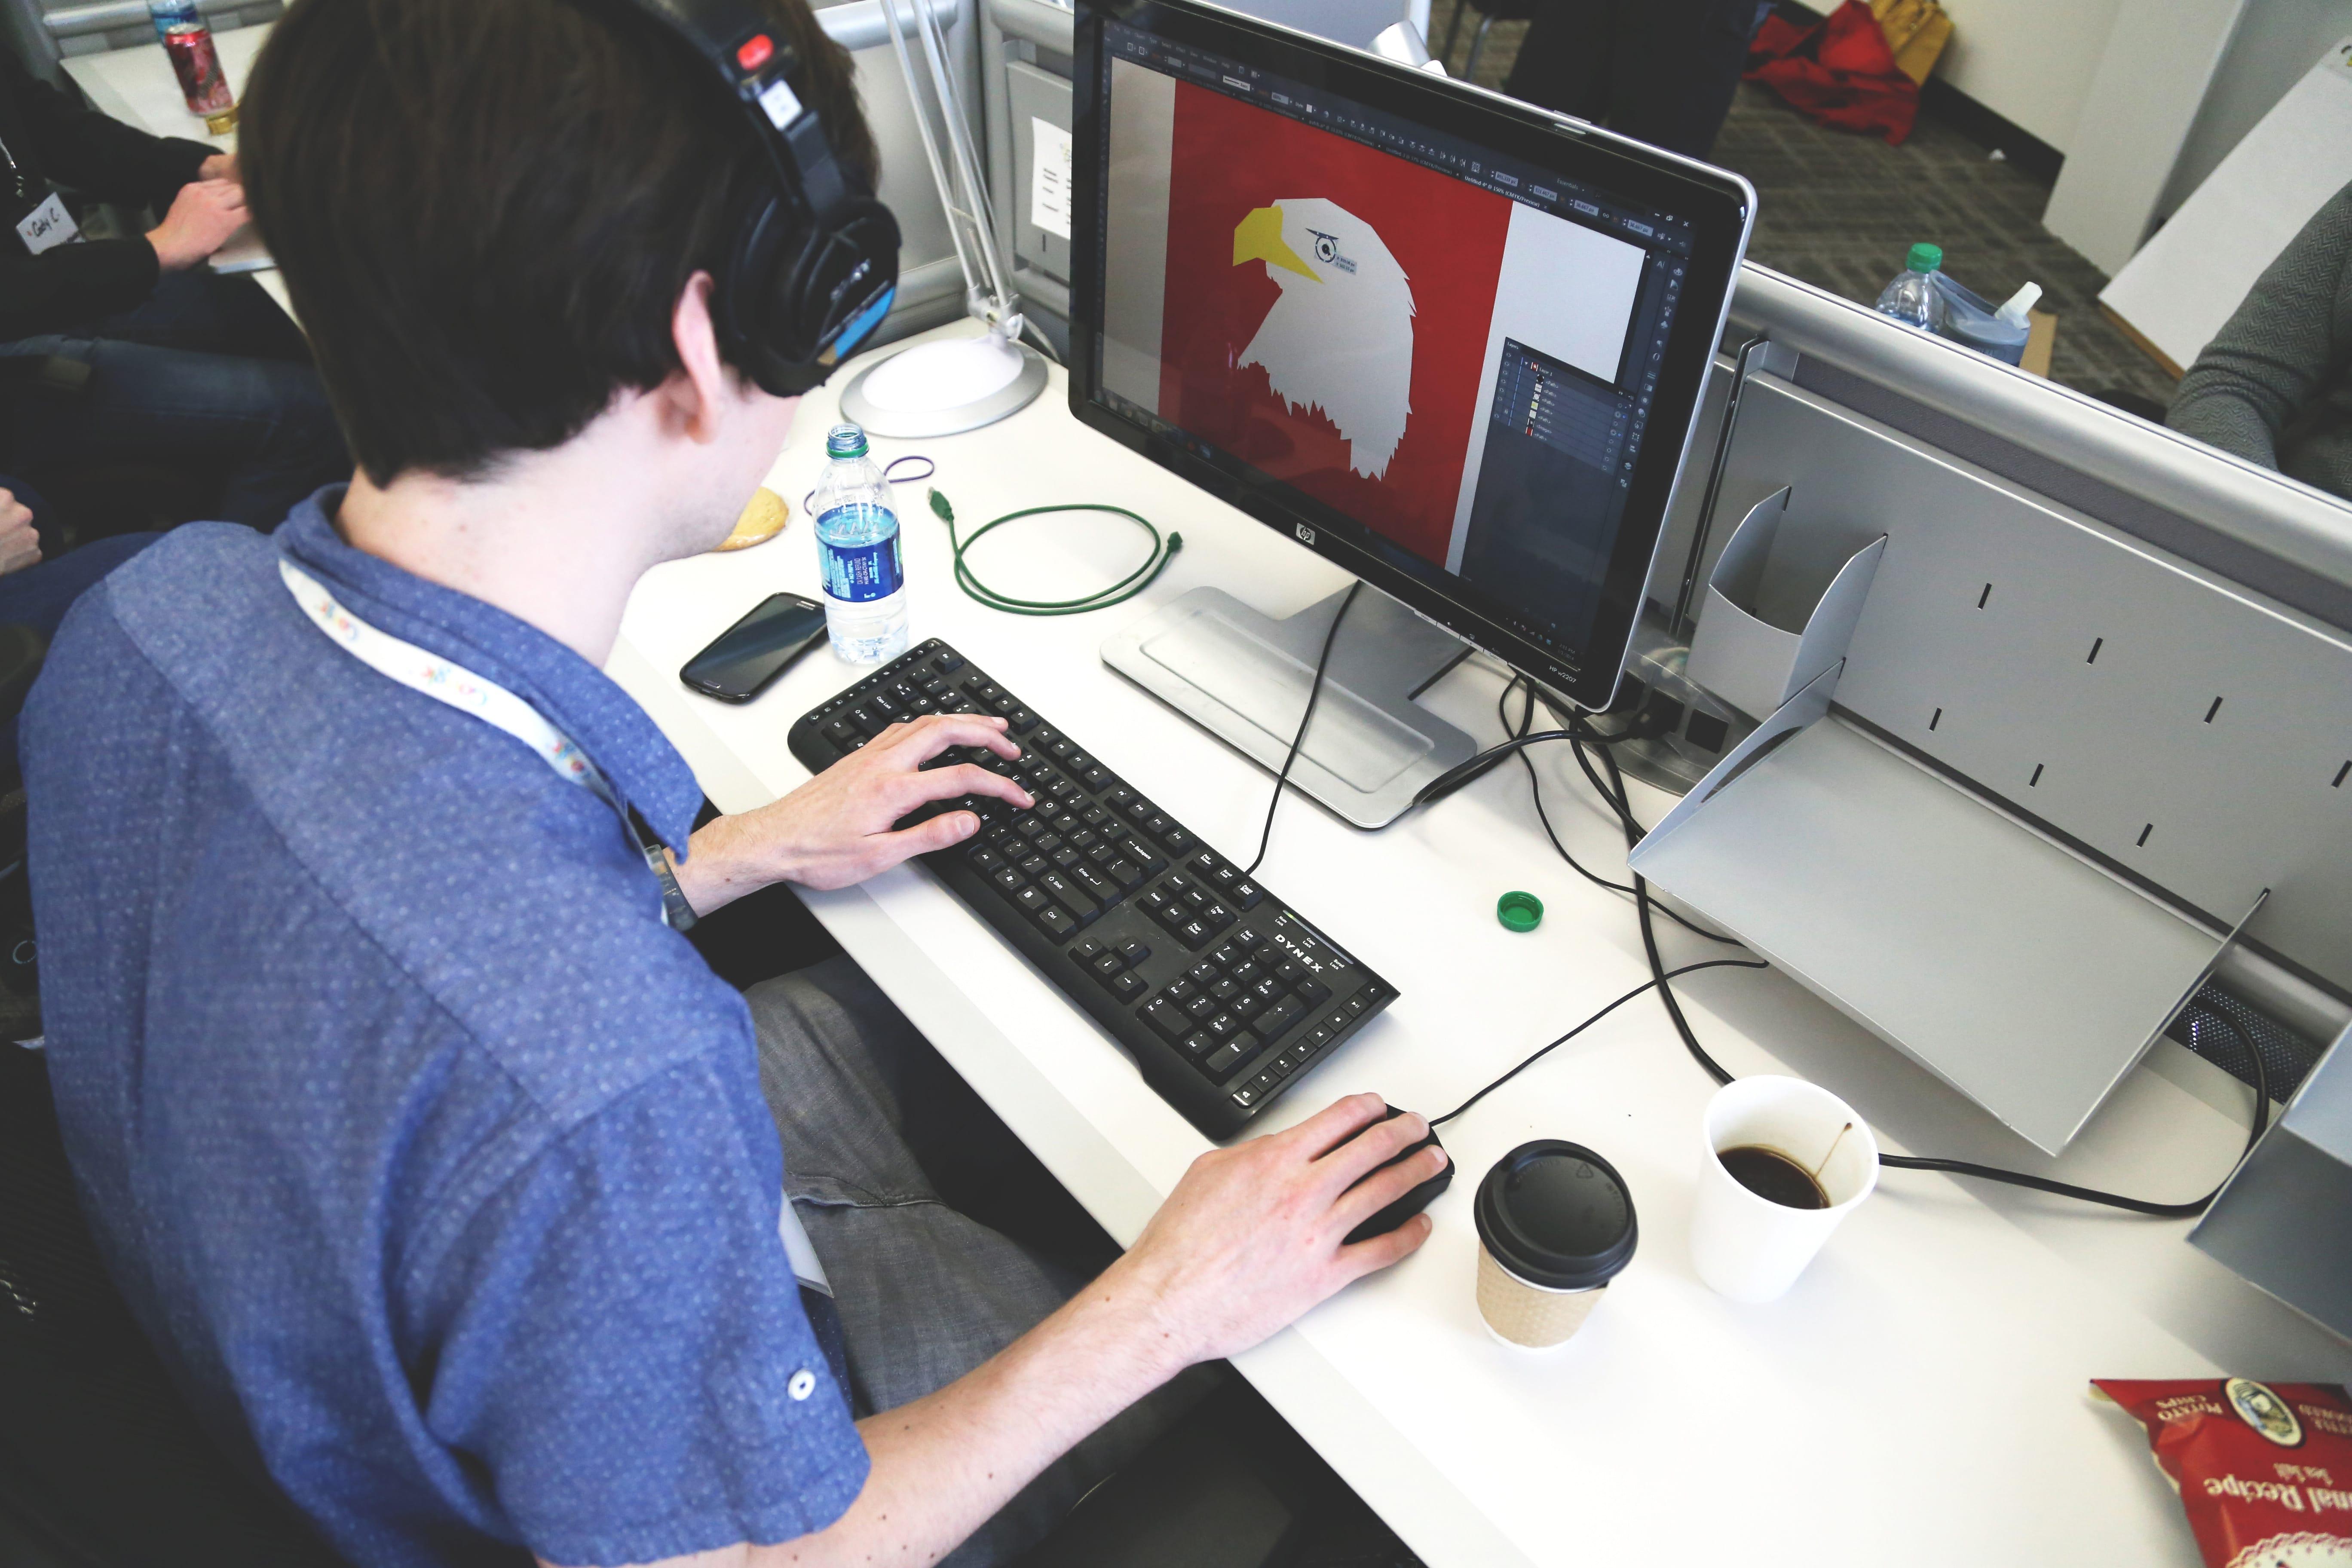 パソコンを使う男の人